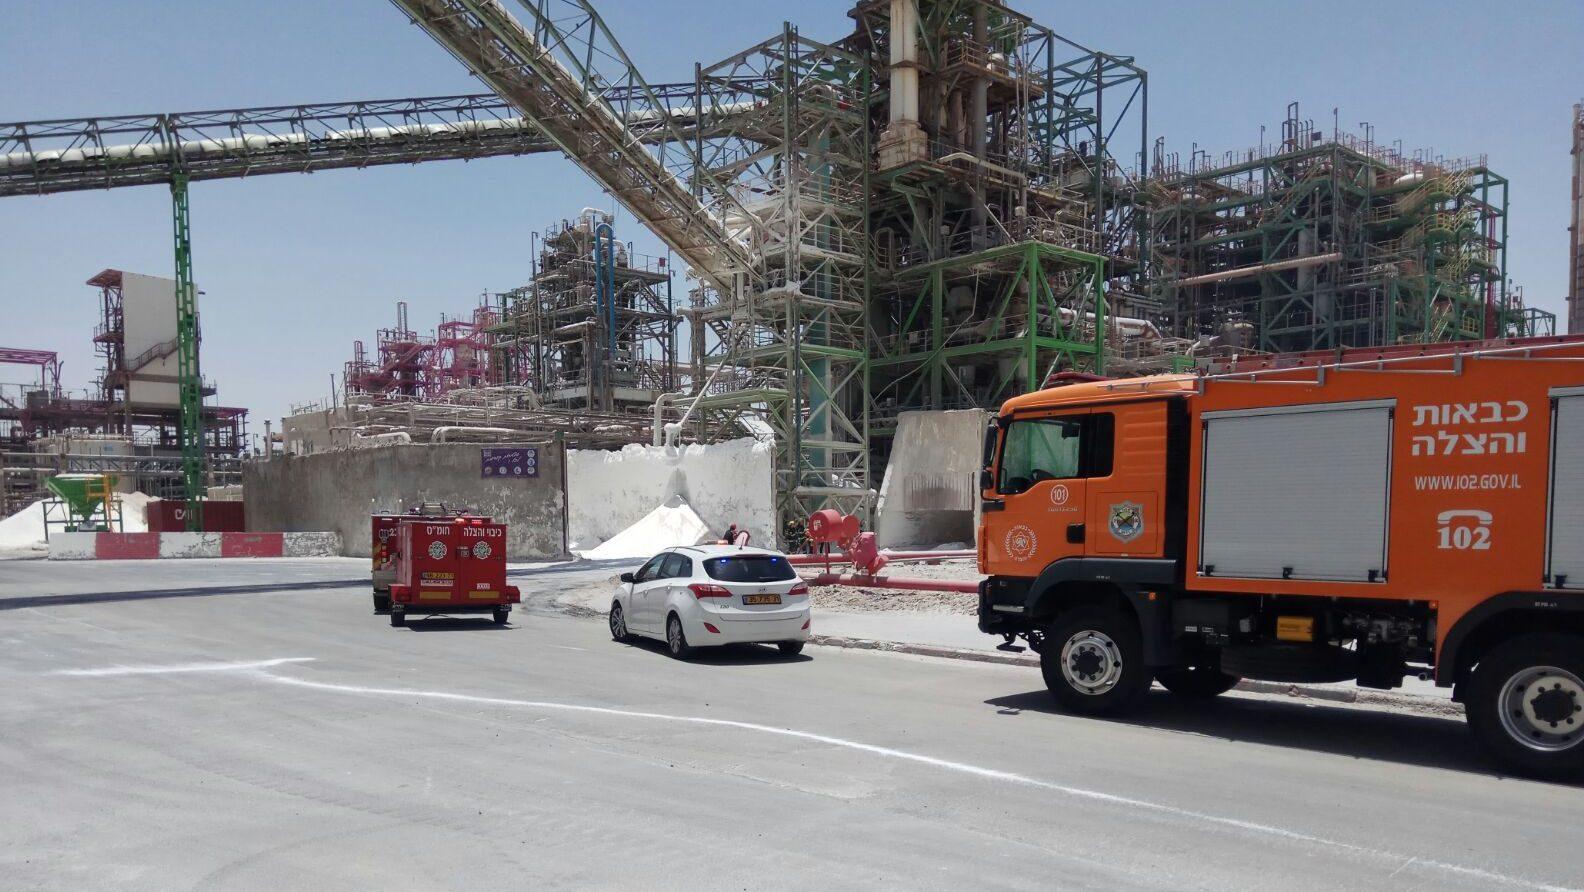 כוחות הכיבוי הוזעקו לדליפת חומר כימי במפעל בדימונה